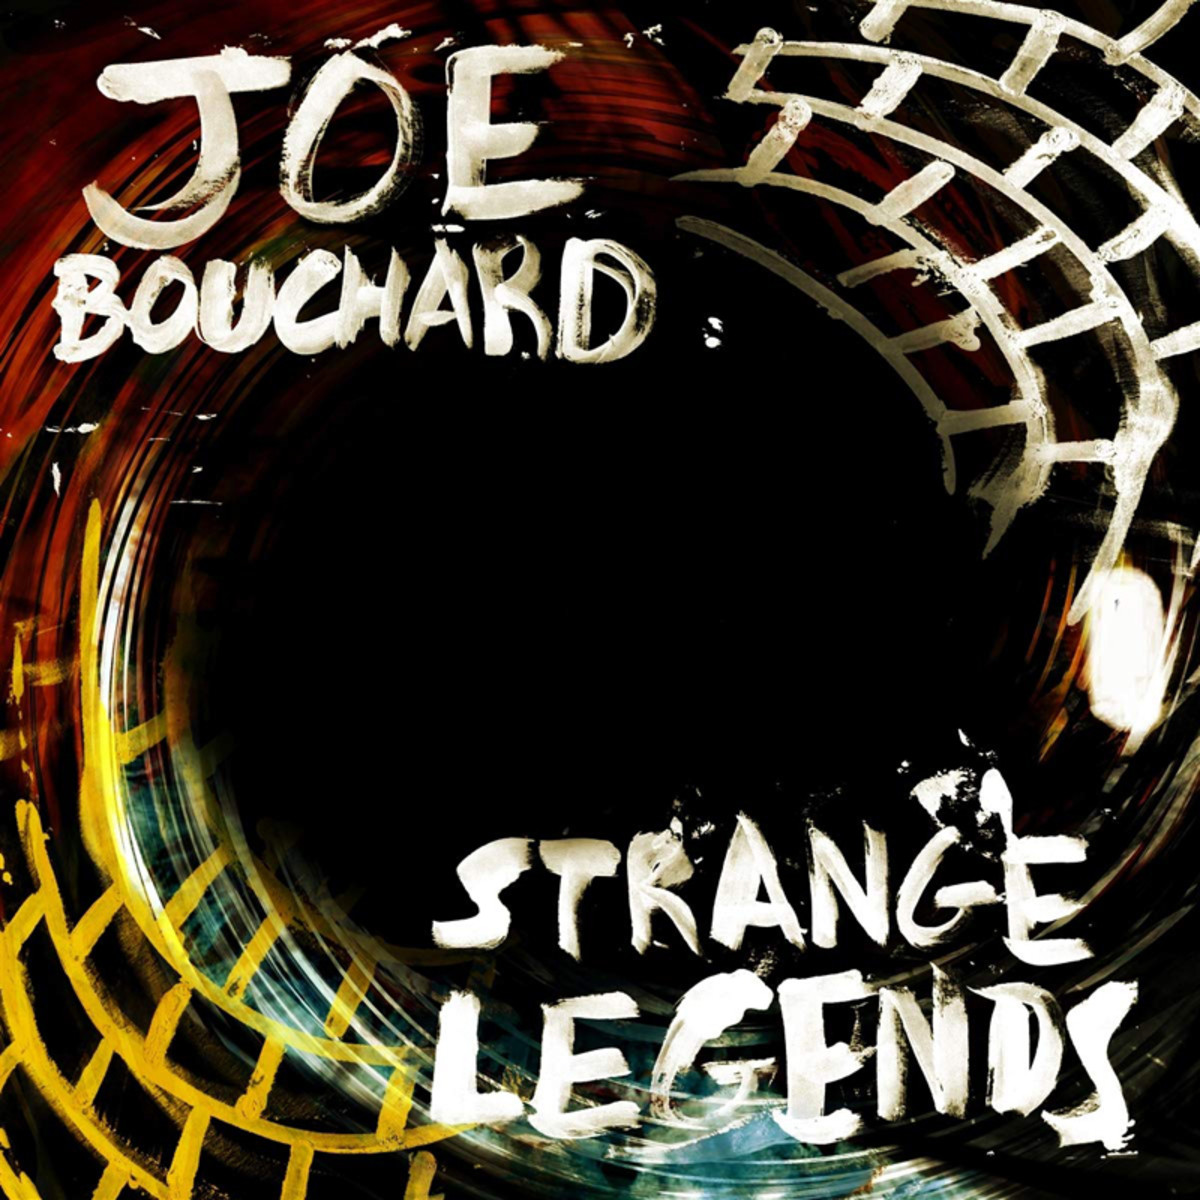 strange legends